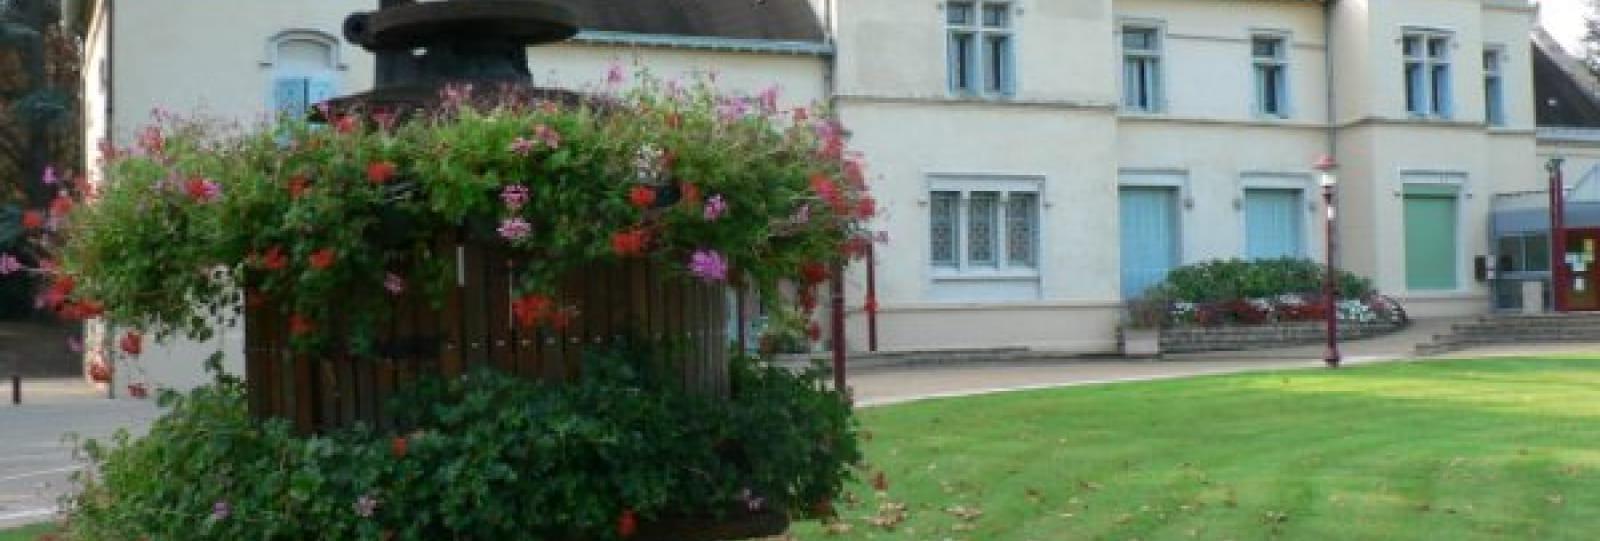 Mairie-La Ronceraie